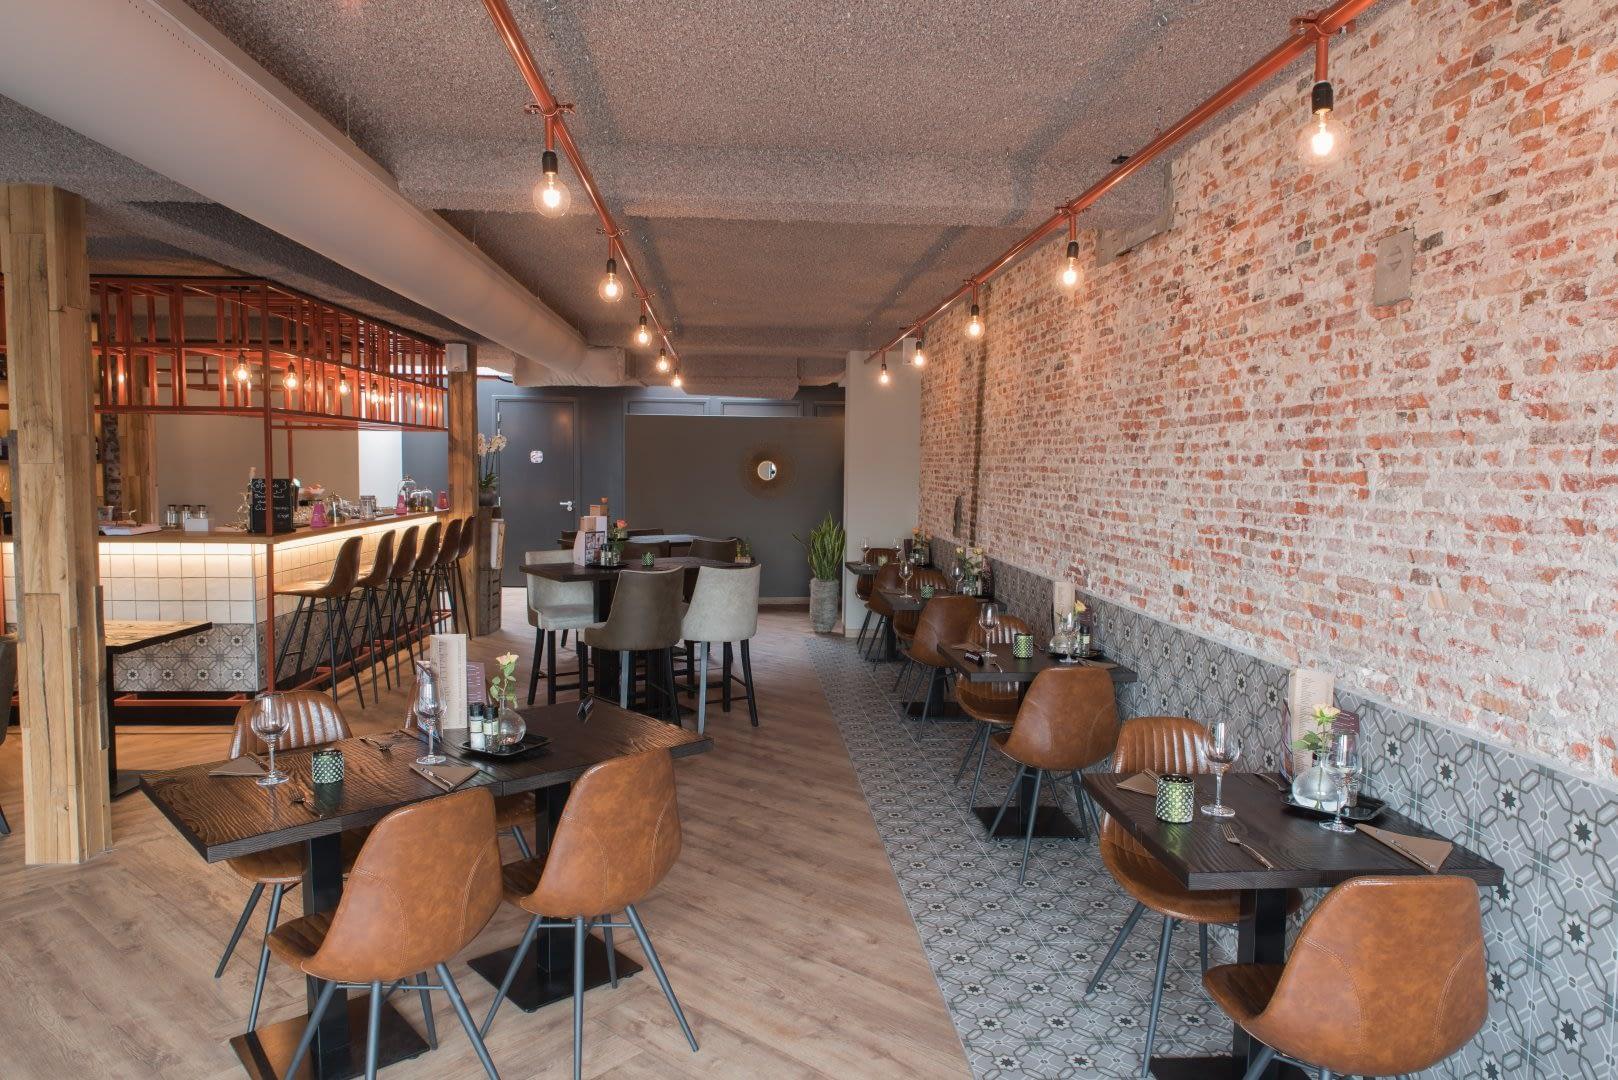 interieur van restaurant Het Galjoen in het Westland met vierknte tafels en lichtbruine lederen stoelen